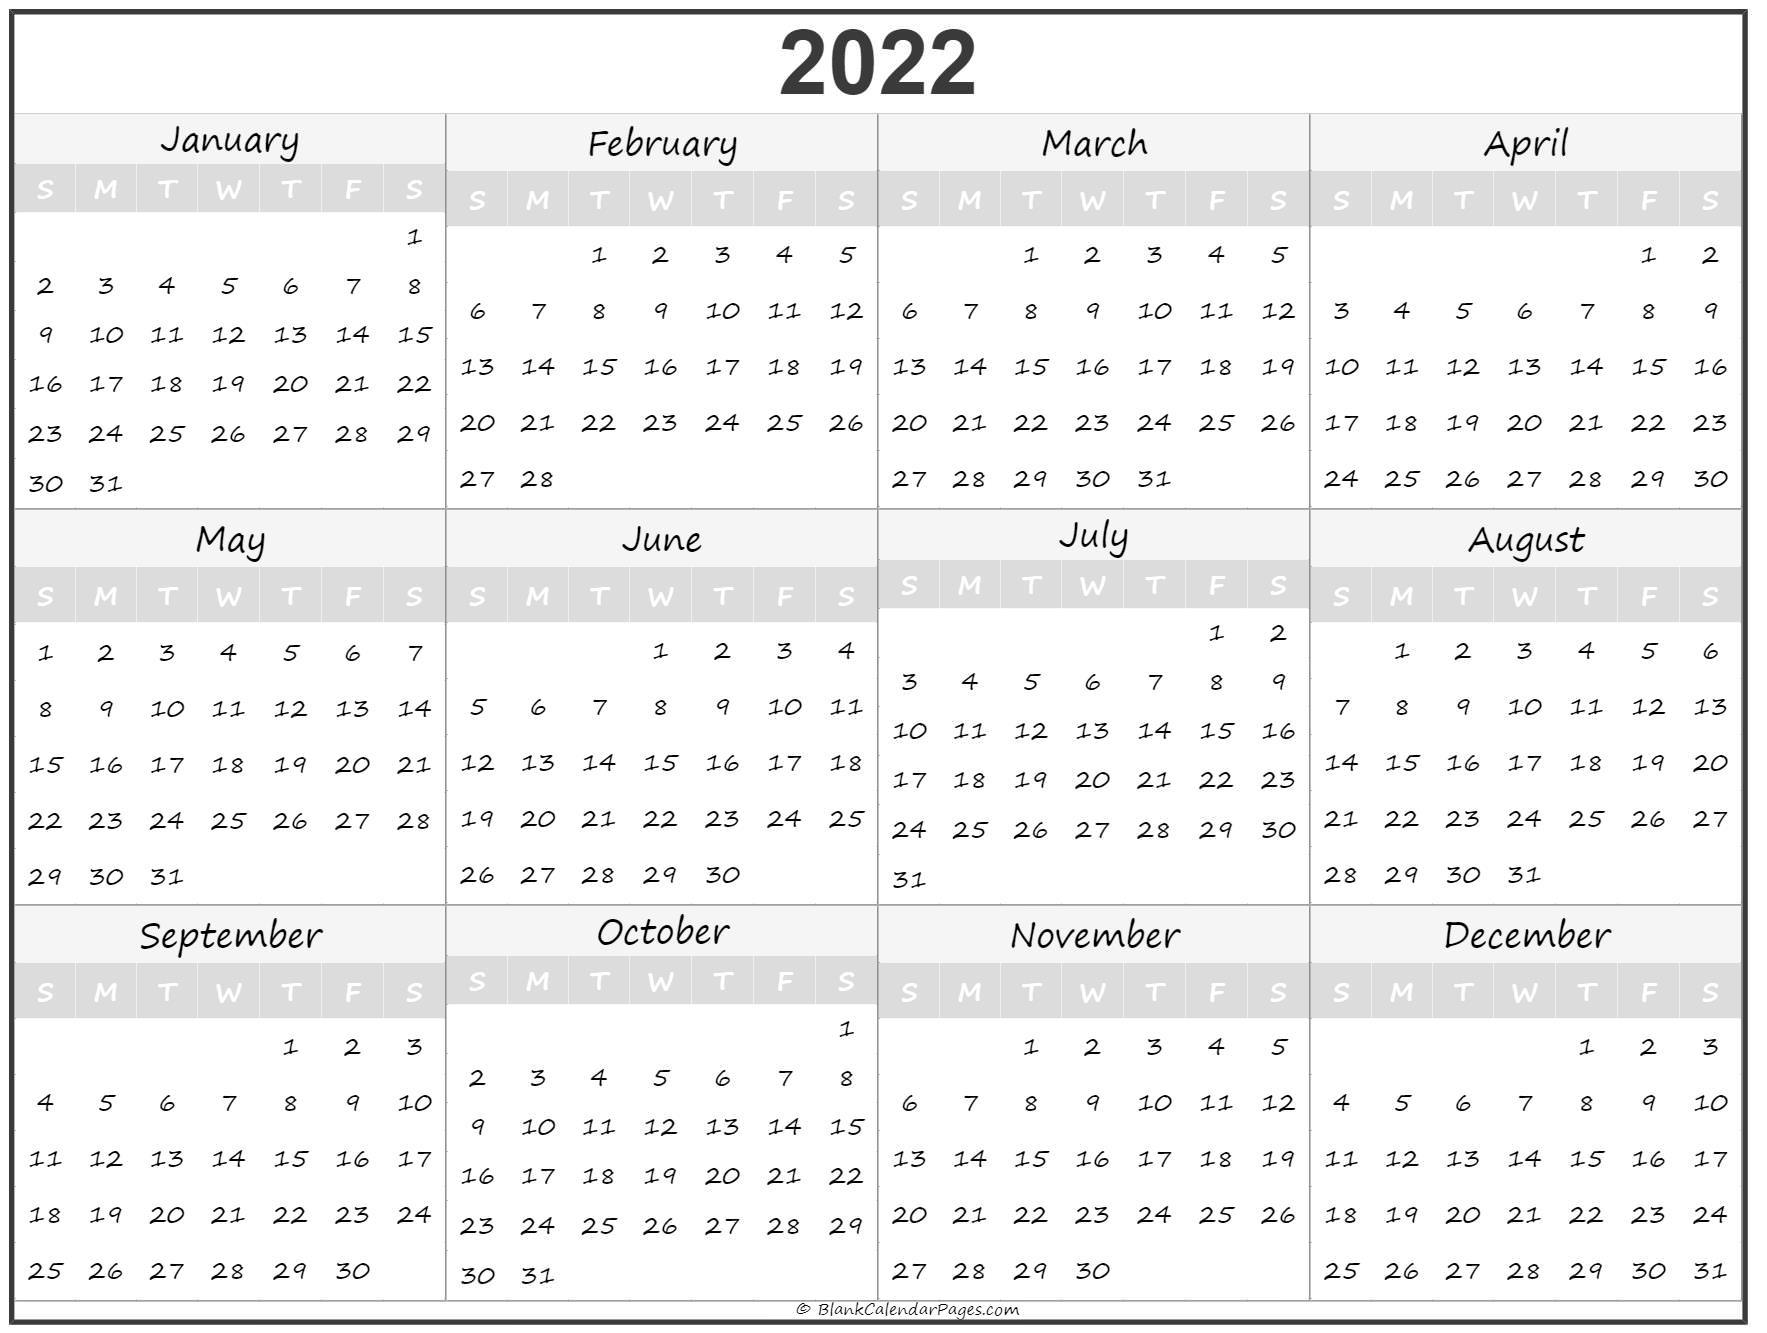 2022 printout